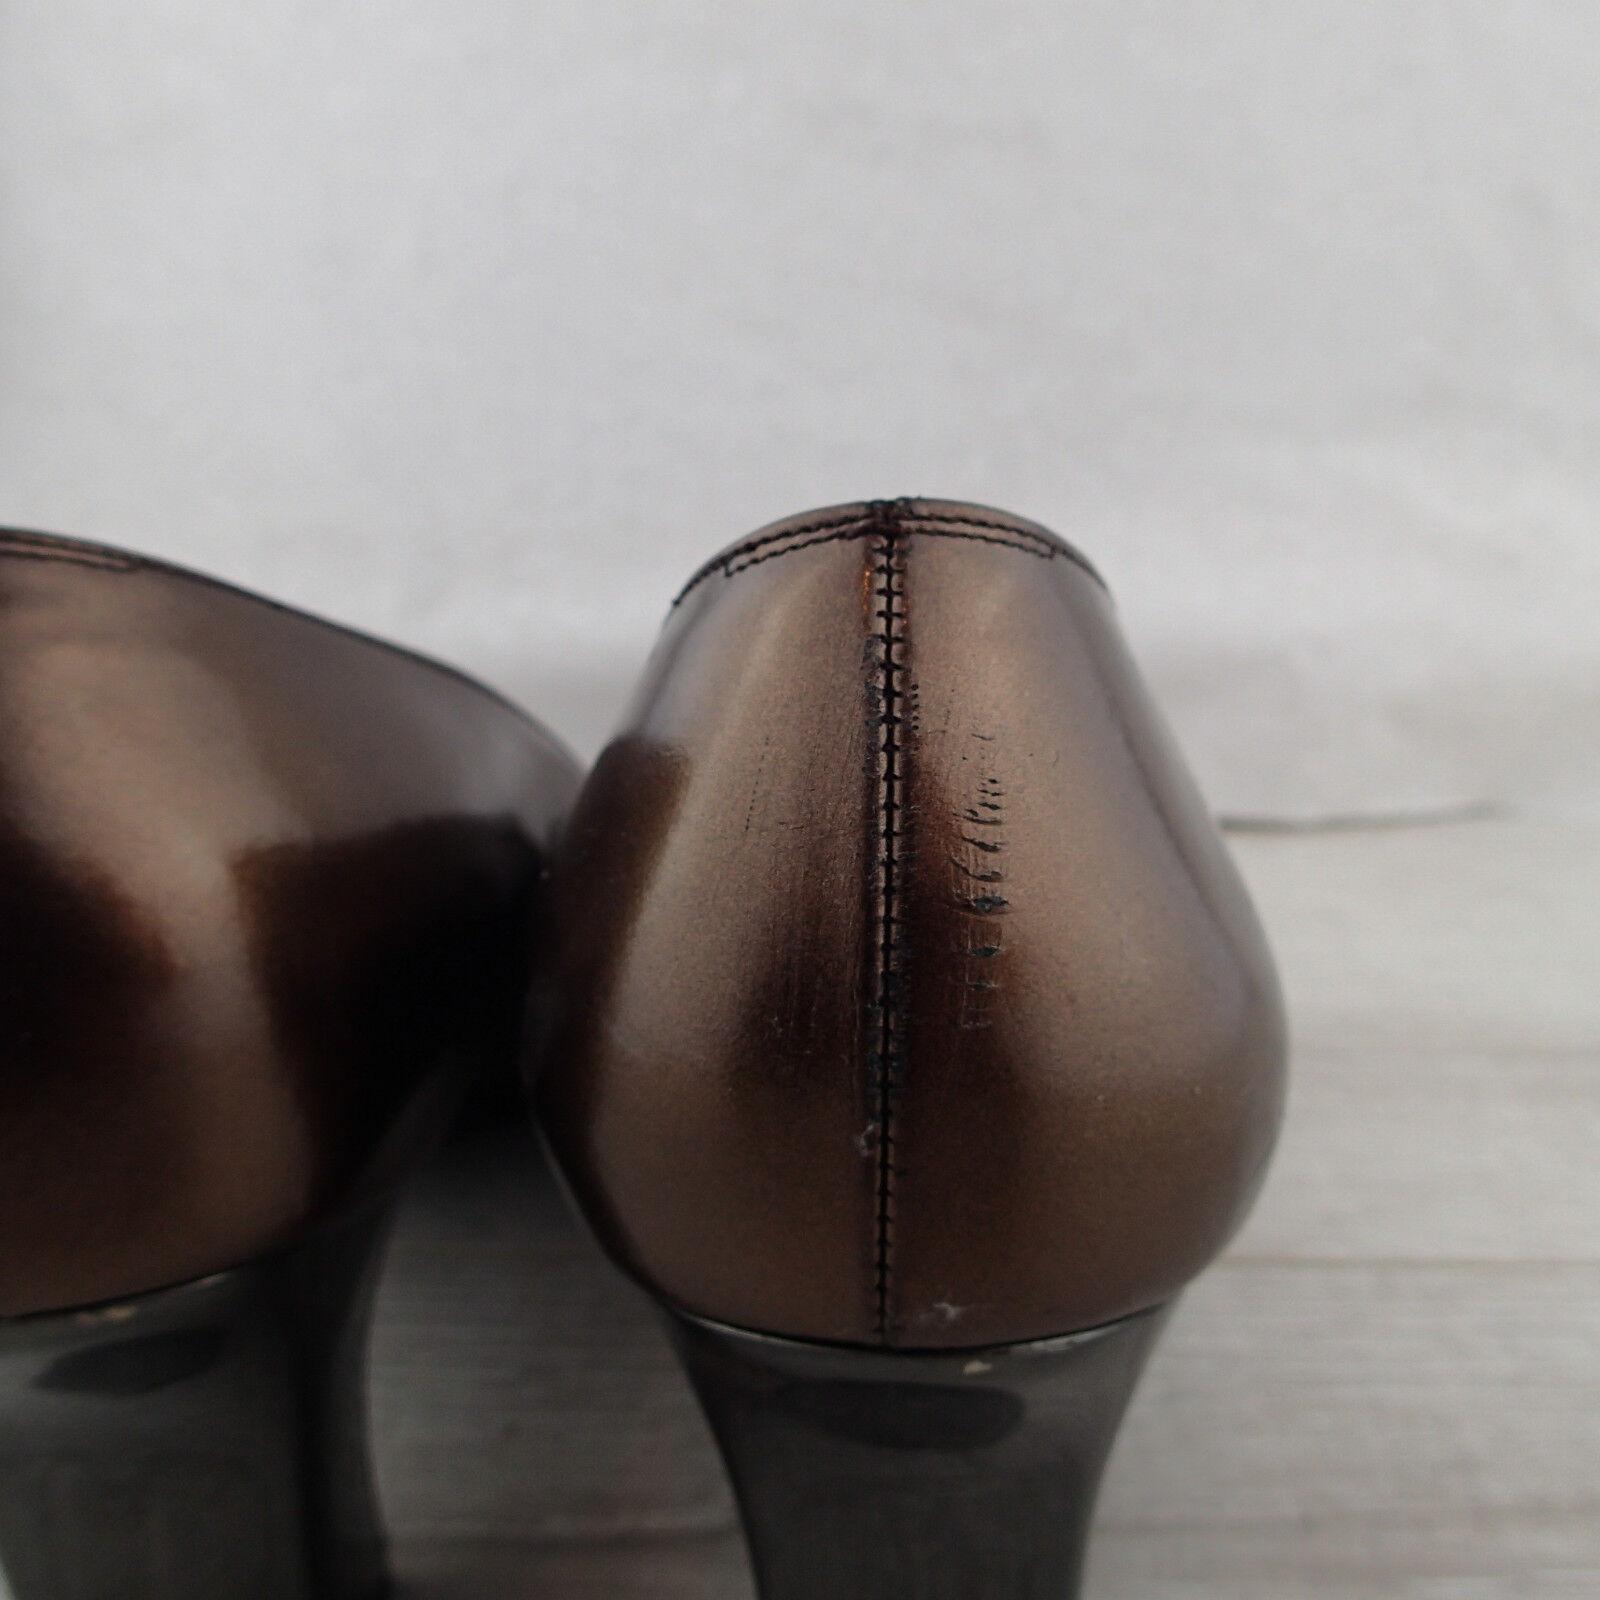 Salvatore ferragamo schuhe schuhe 9.5 B bronze metallic pumps classic classic classic a4 2c3096